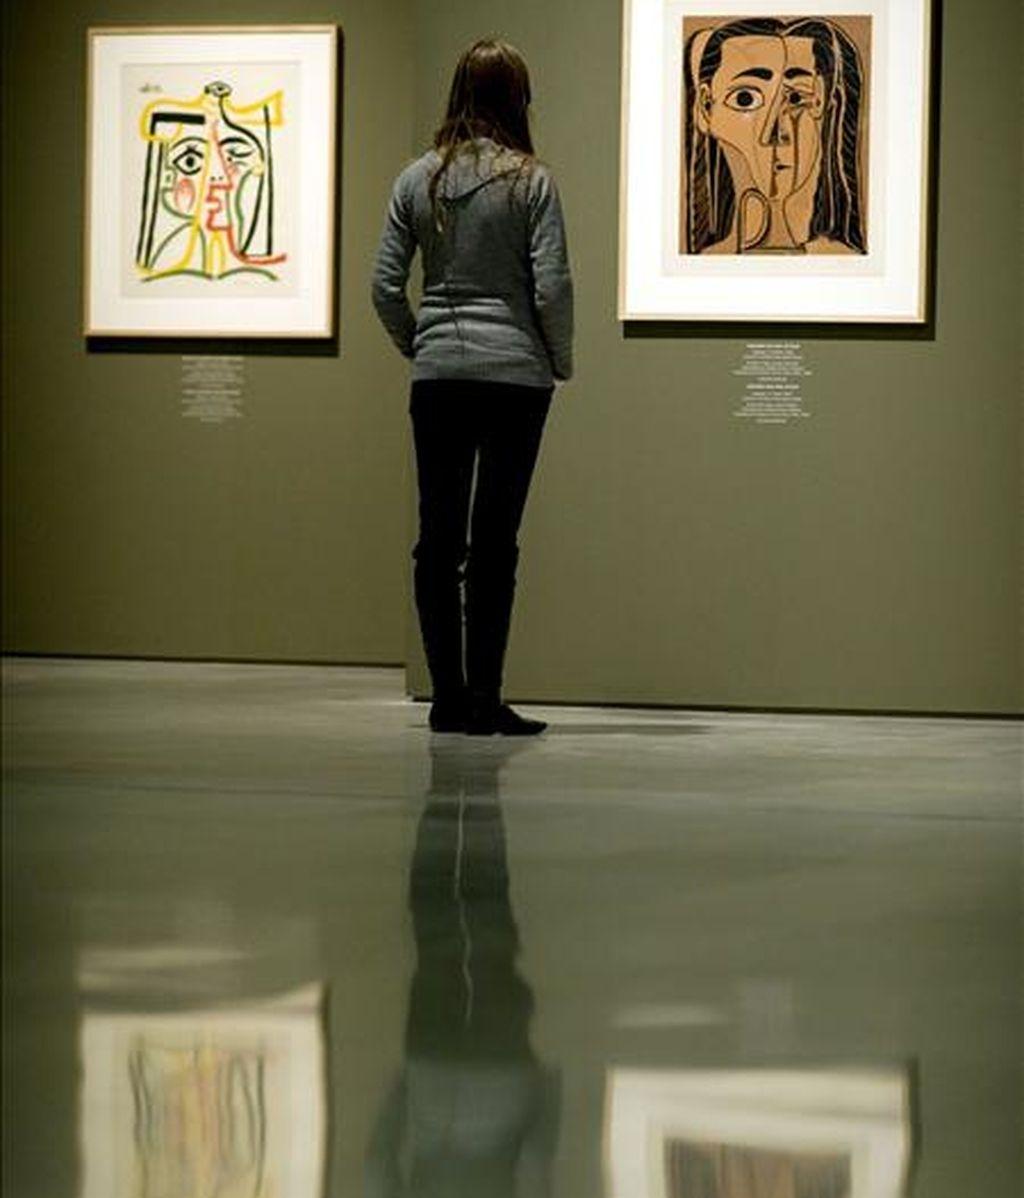 """Una joven contempla las obras de la exposición """"Picasso linograbador. Retratos de Jacqueline"""", una exposición en el Centro Cultural Bancaja de Valencia. EFE/Archivo"""